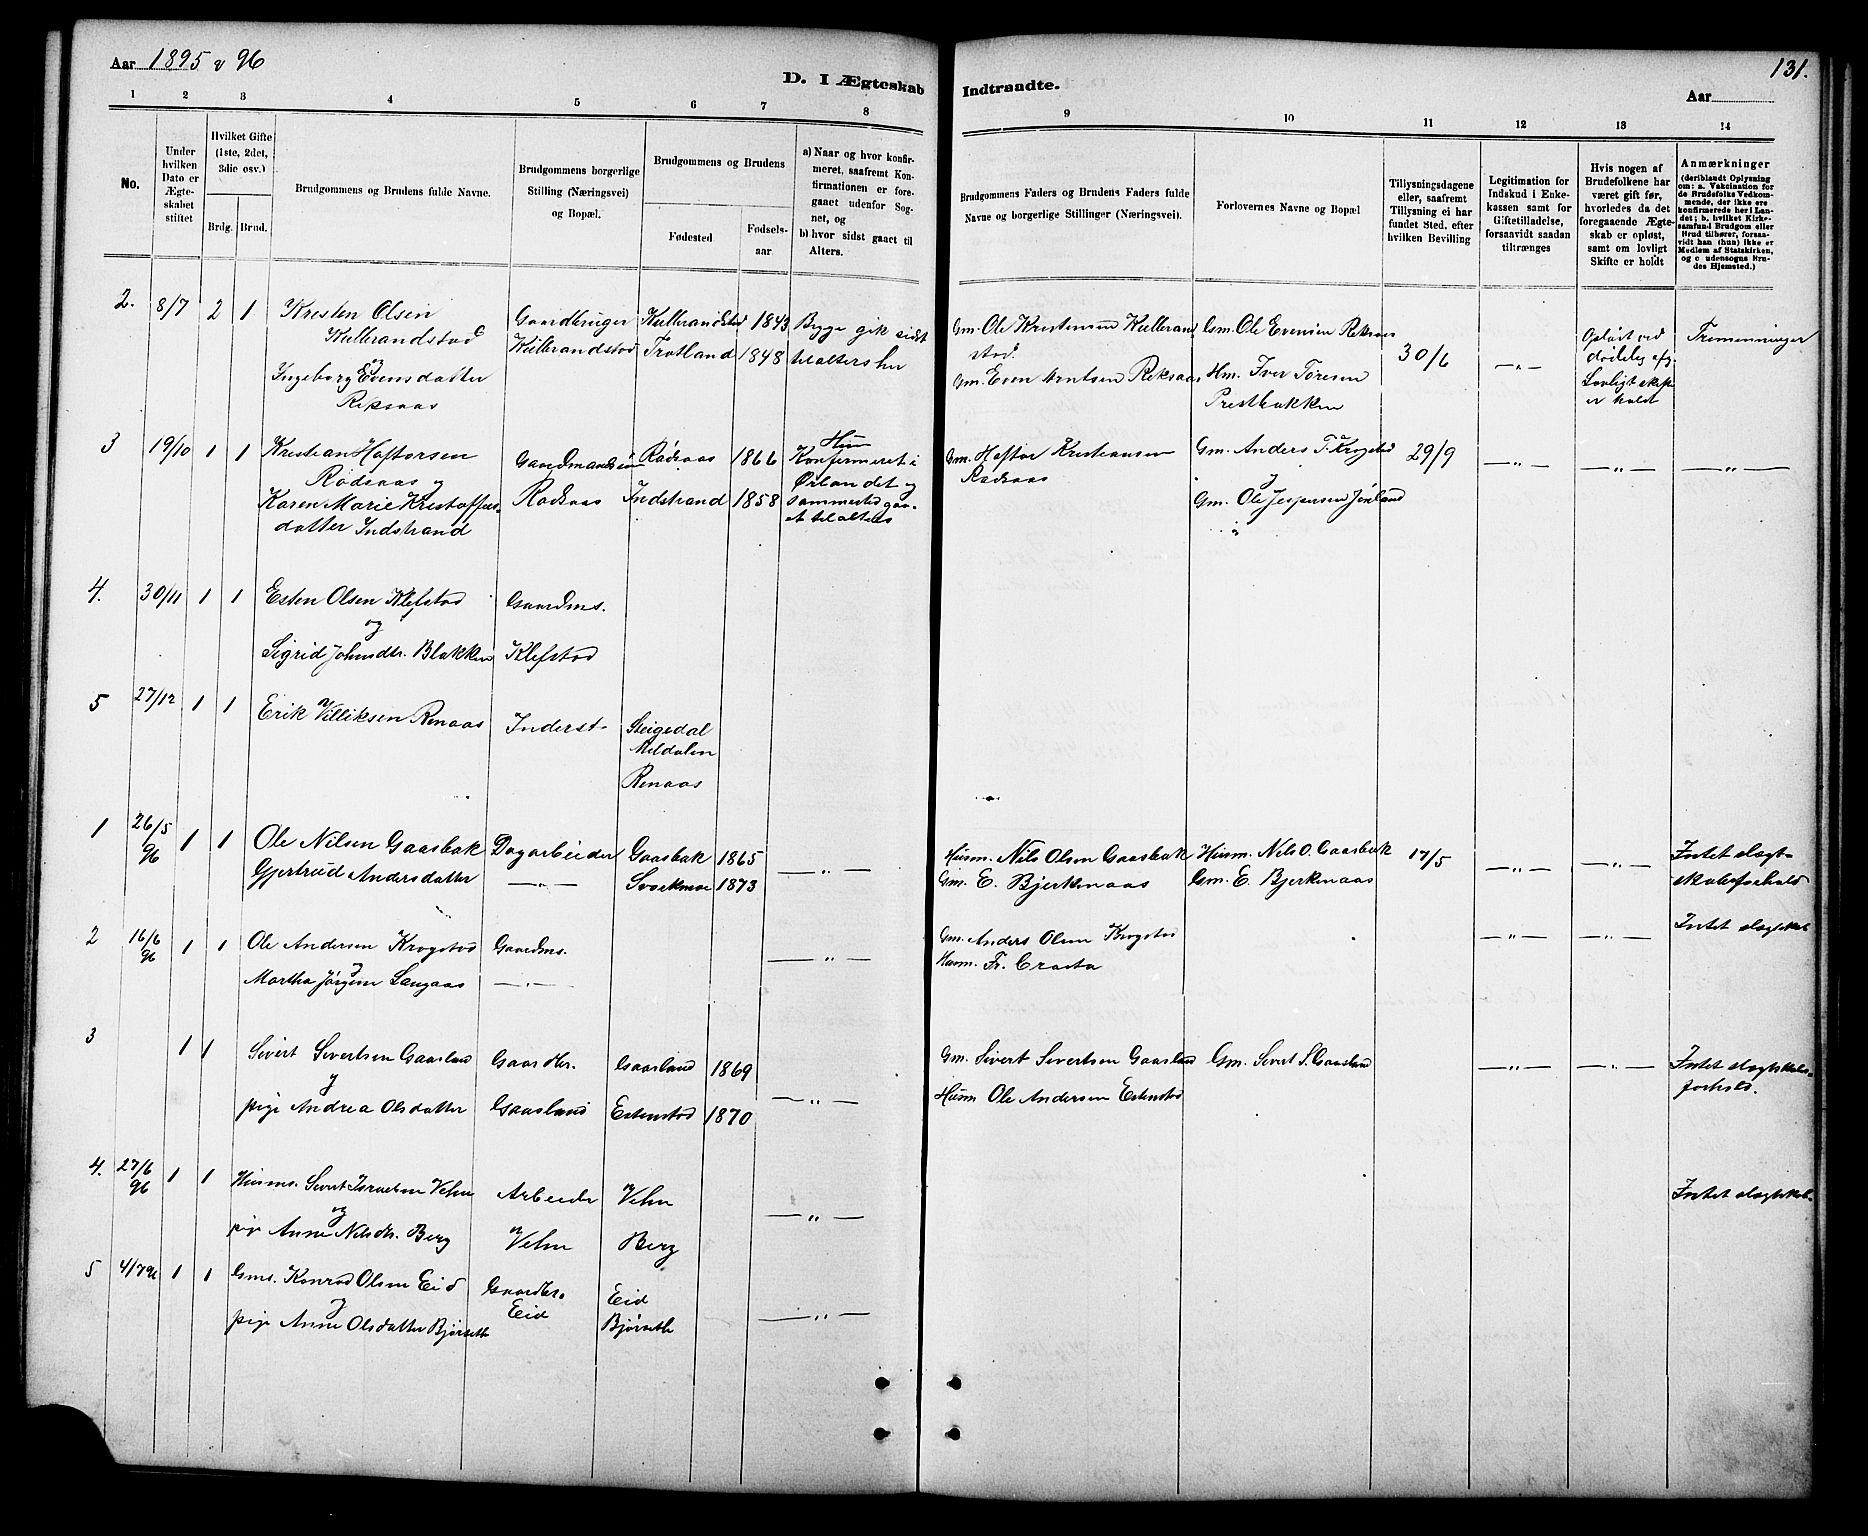 SAT, Ministerialprotokoller, klokkerbøker og fødselsregistre - Sør-Trøndelag, 694/L1132: Klokkerbok nr. 694C04, 1887-1914, s. 131